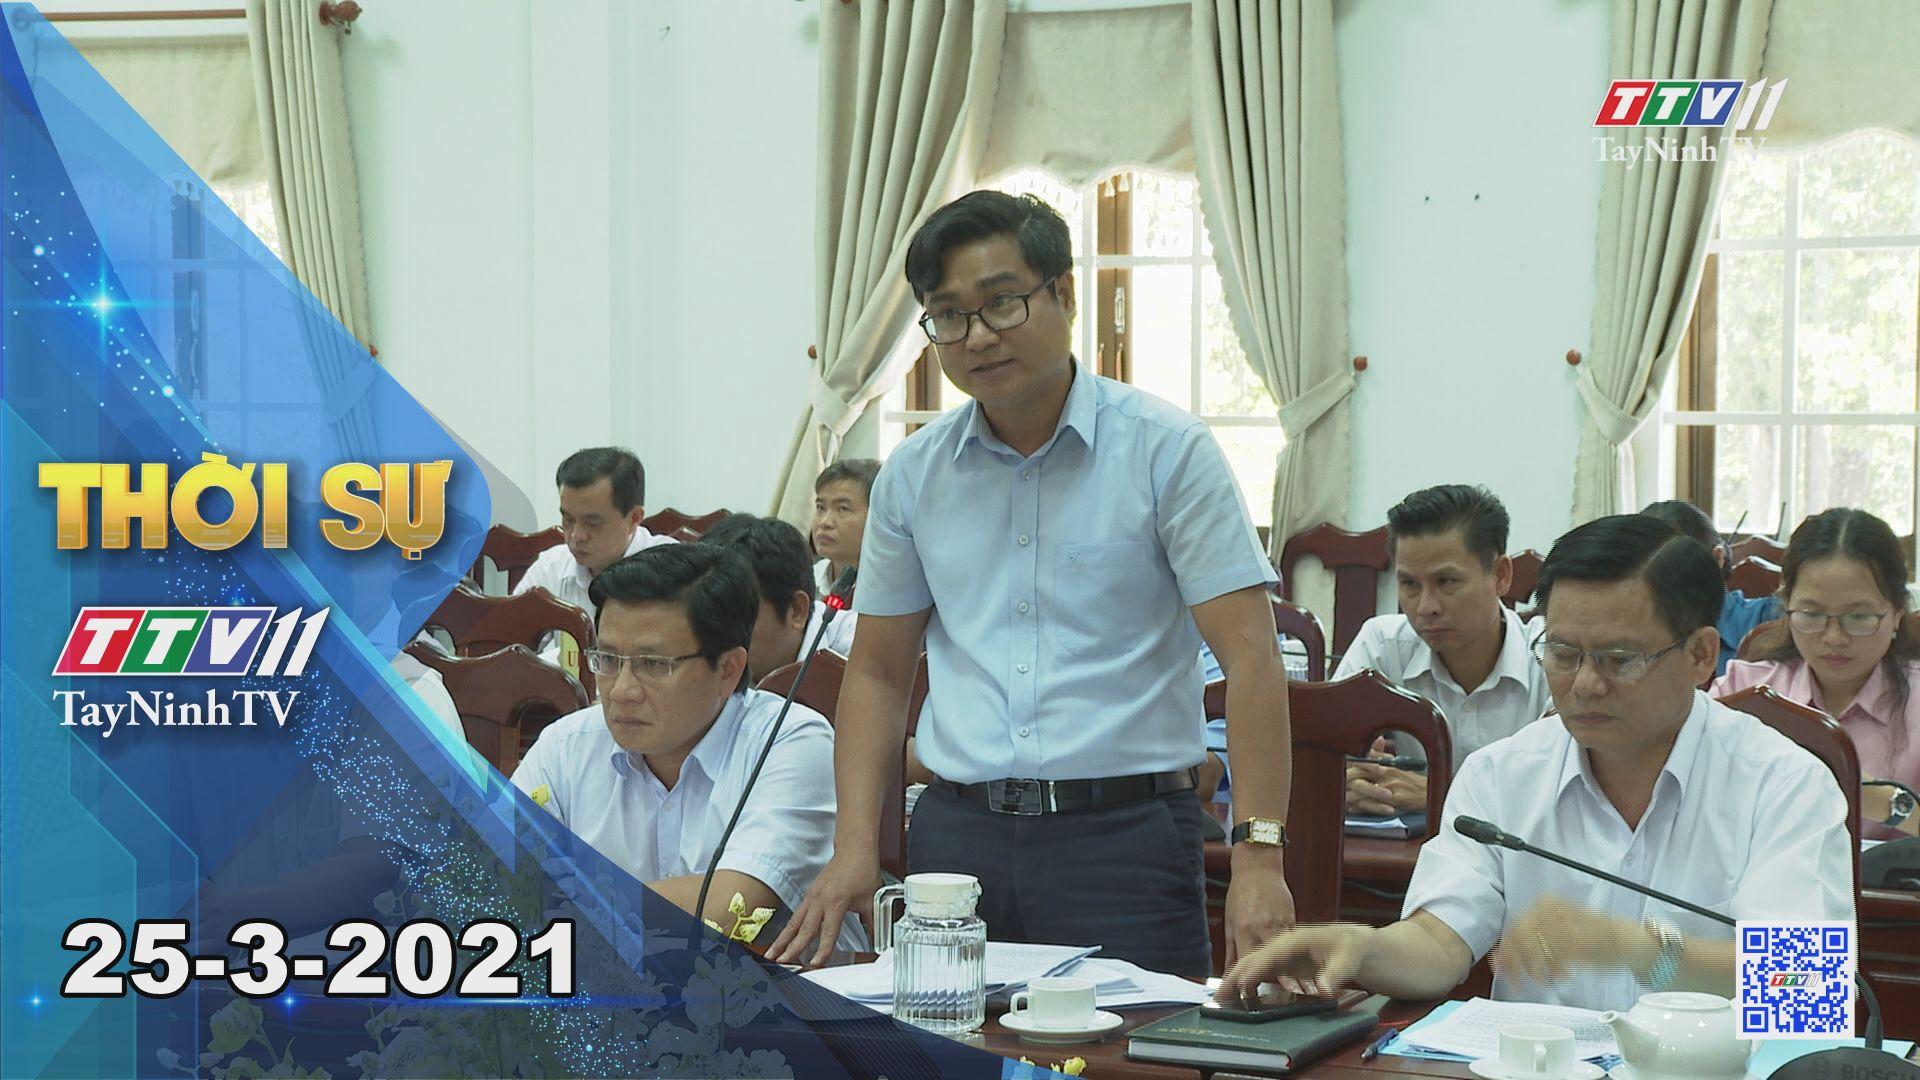 Thời sự Tây Ninh 25-3-2021 | Tin tức hôm nay | TayNinhTV